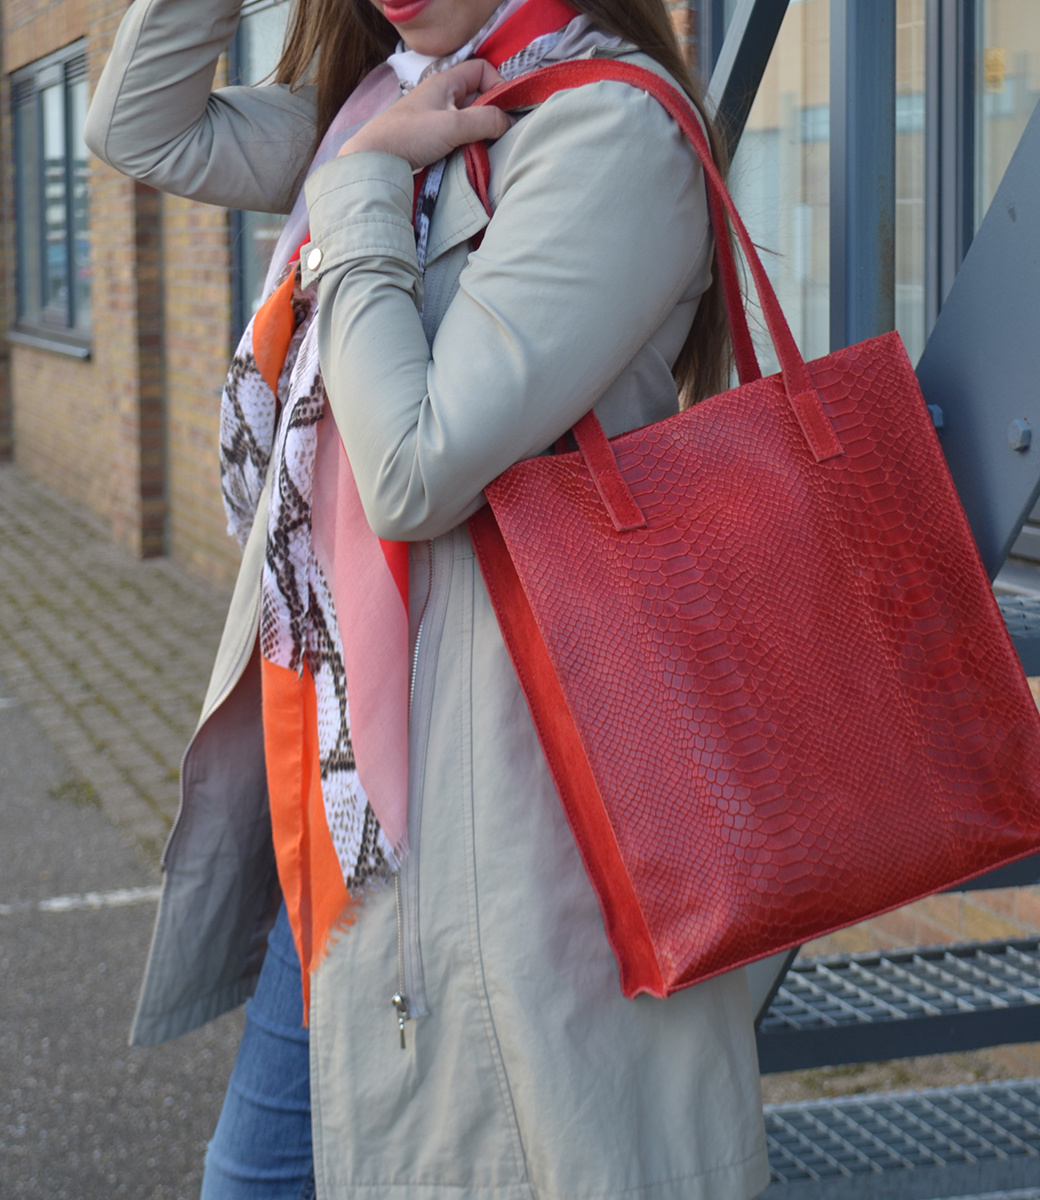 Fenne shopper